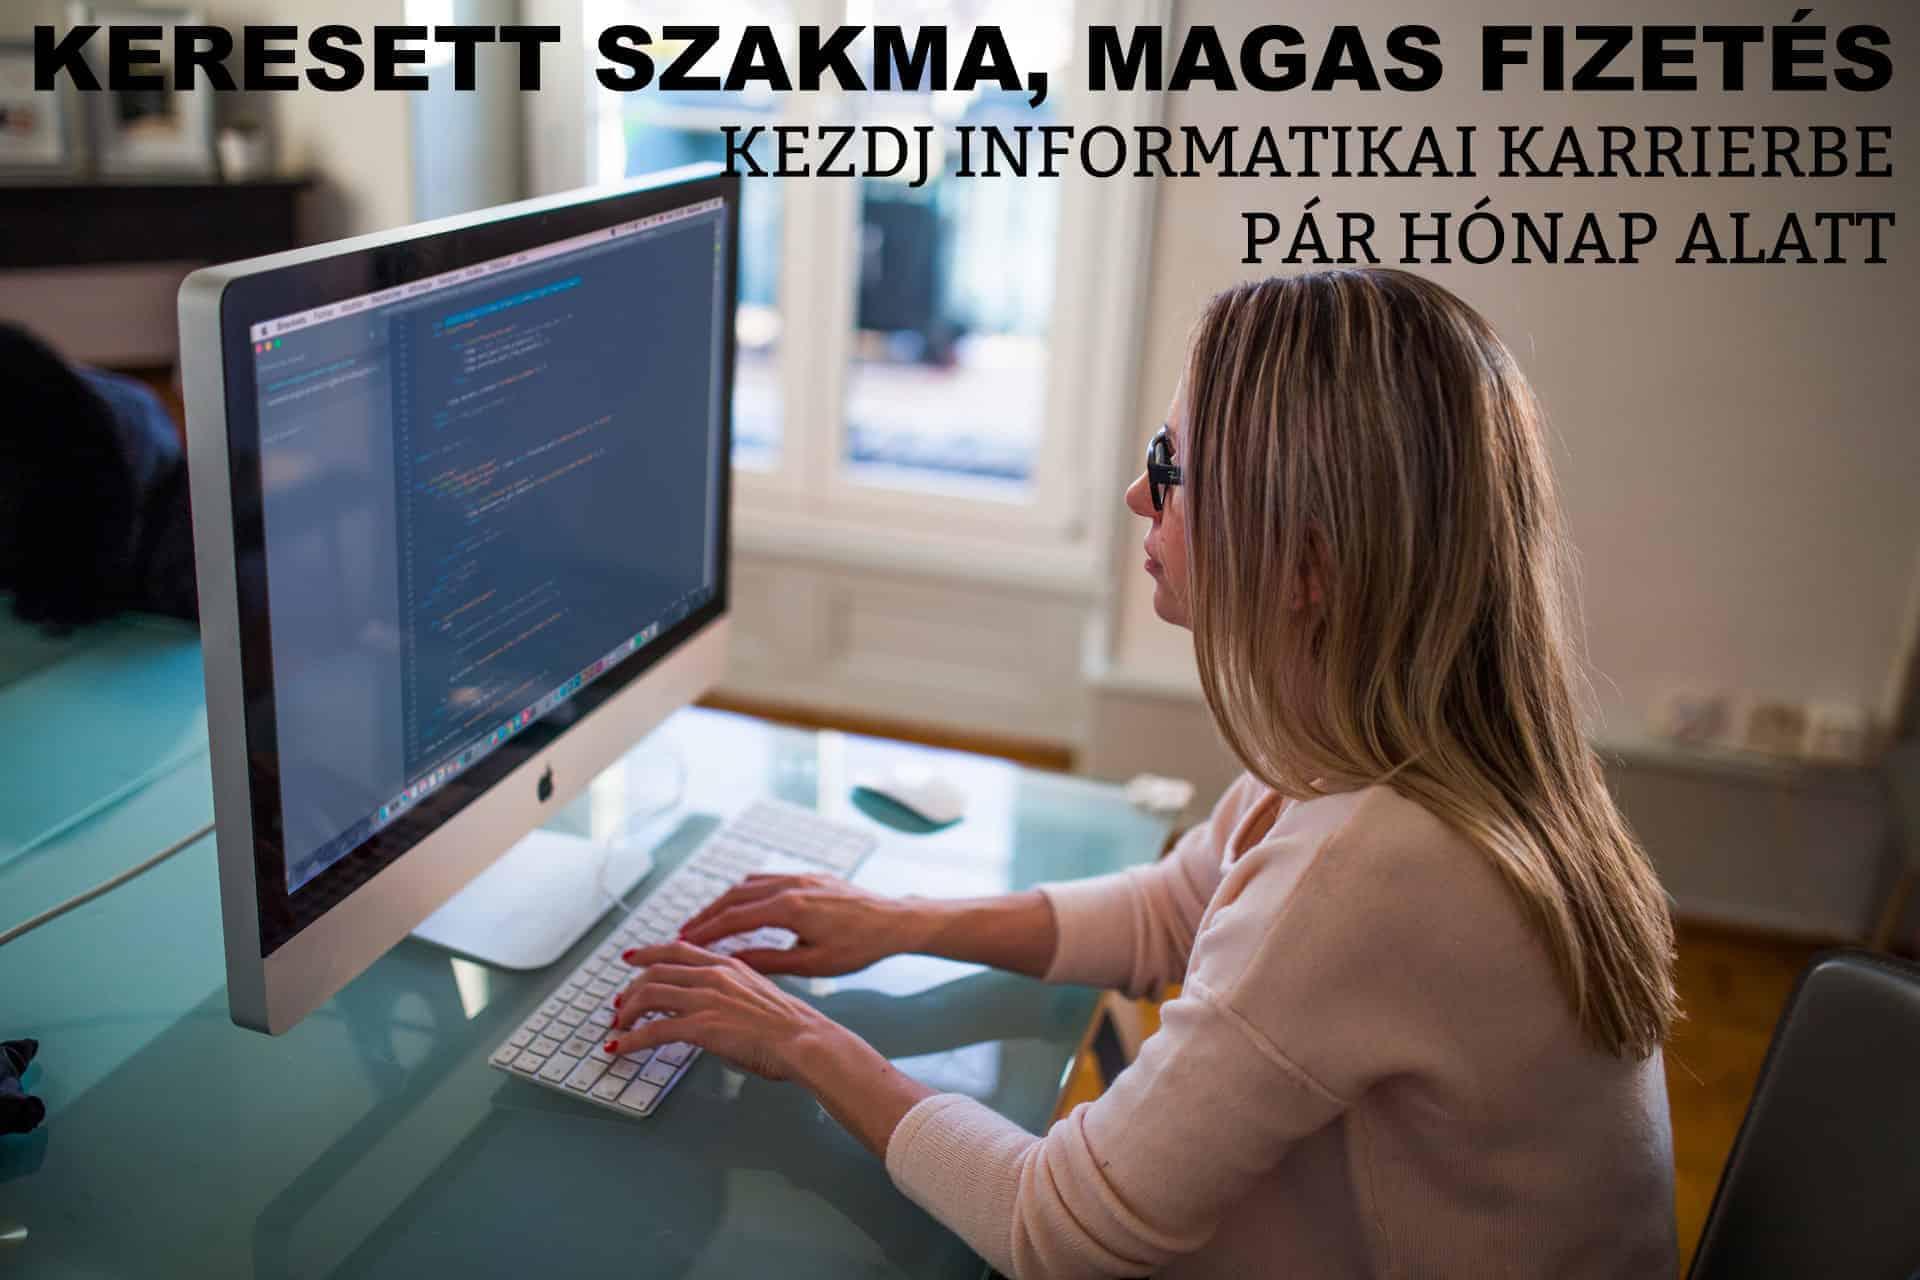 kereset az interneten magas fizetés)